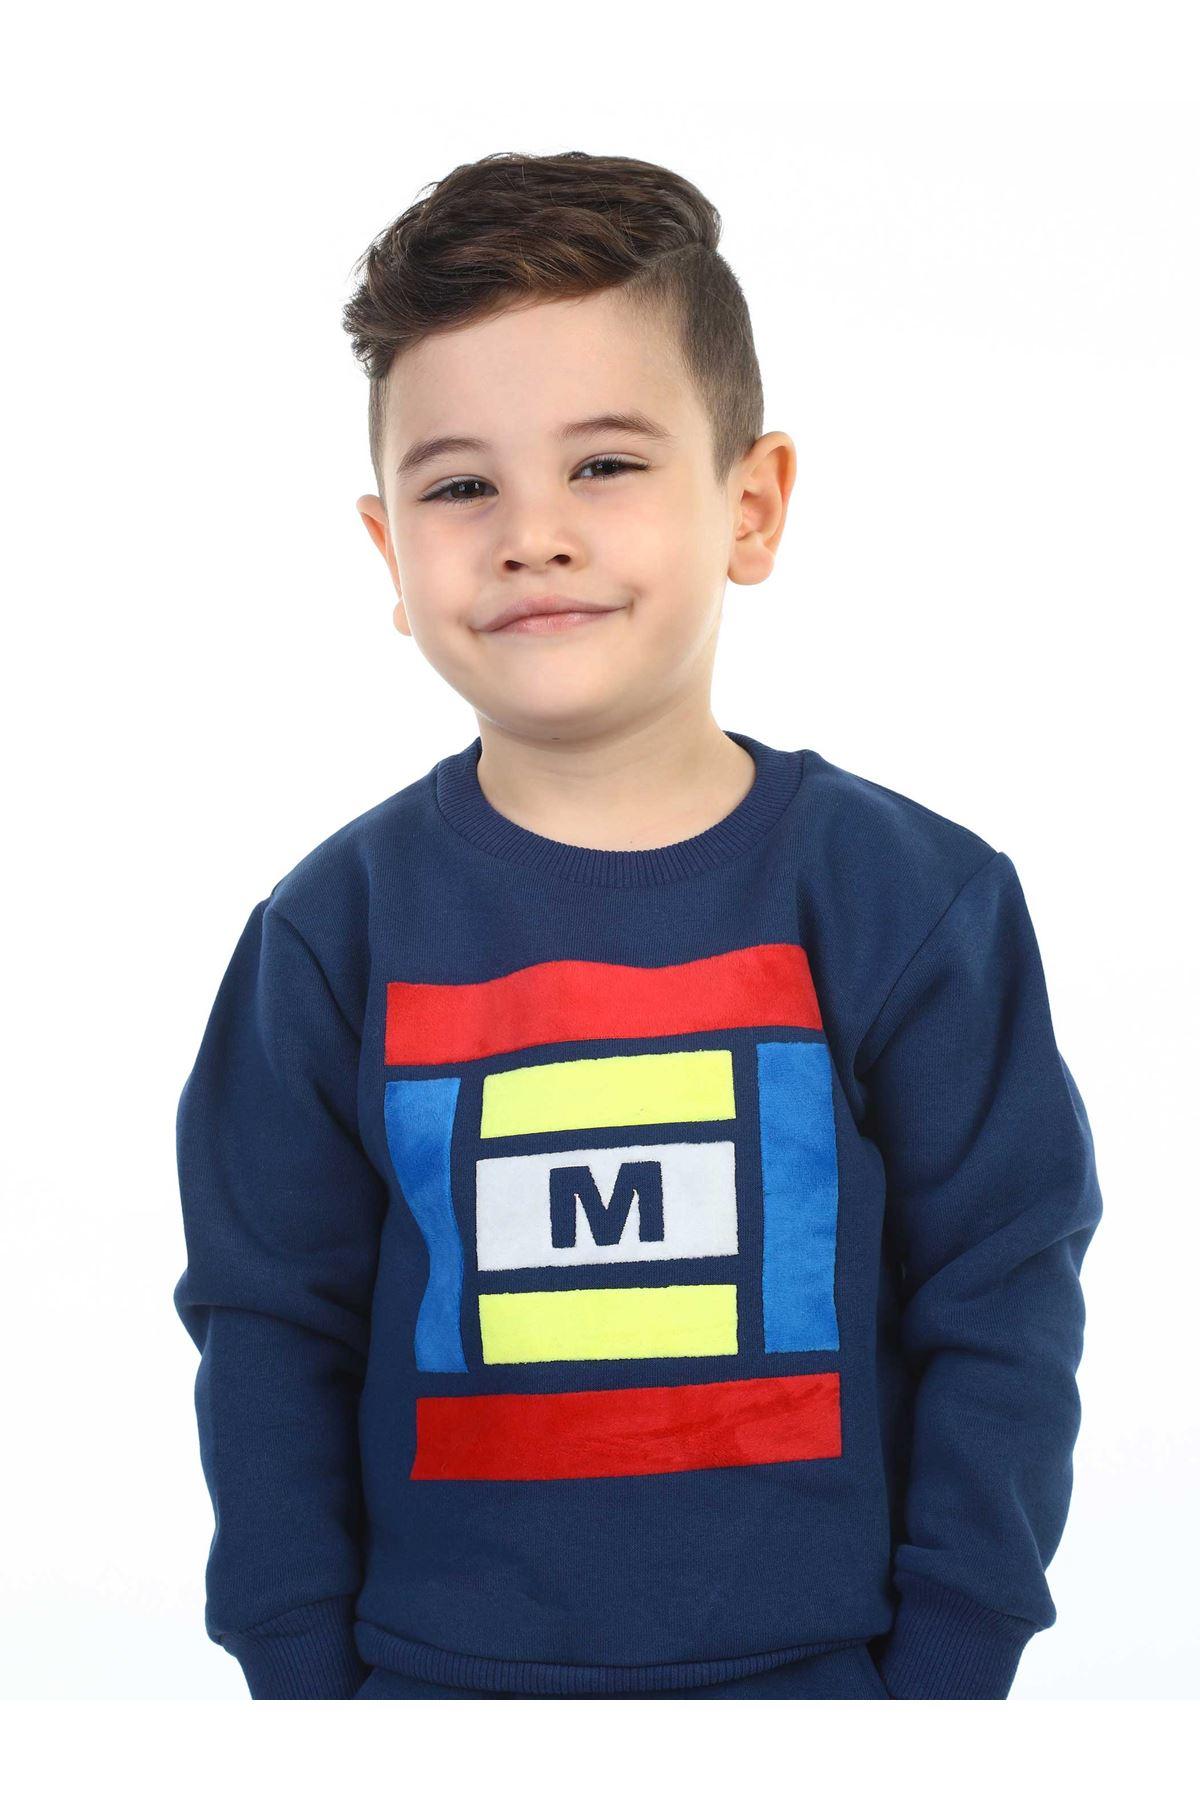 İndigo Kışlık Erkek Çocuk Sweatshirt